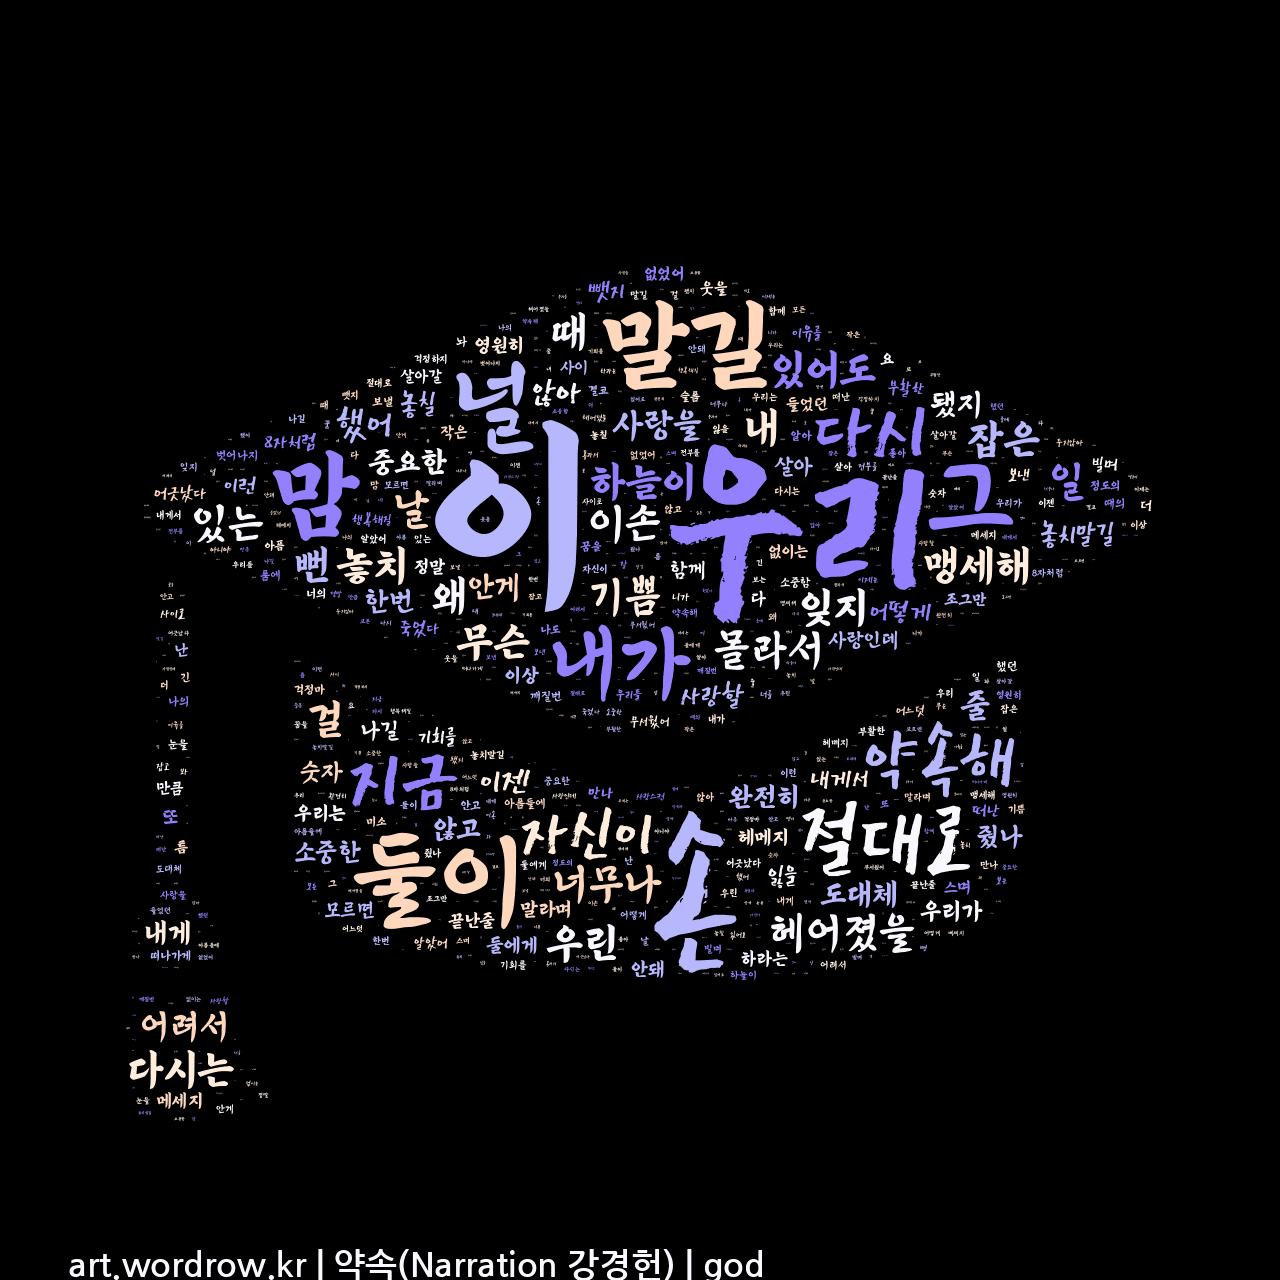 워드 아트: 약속(Narration 강경헌) [god]-49